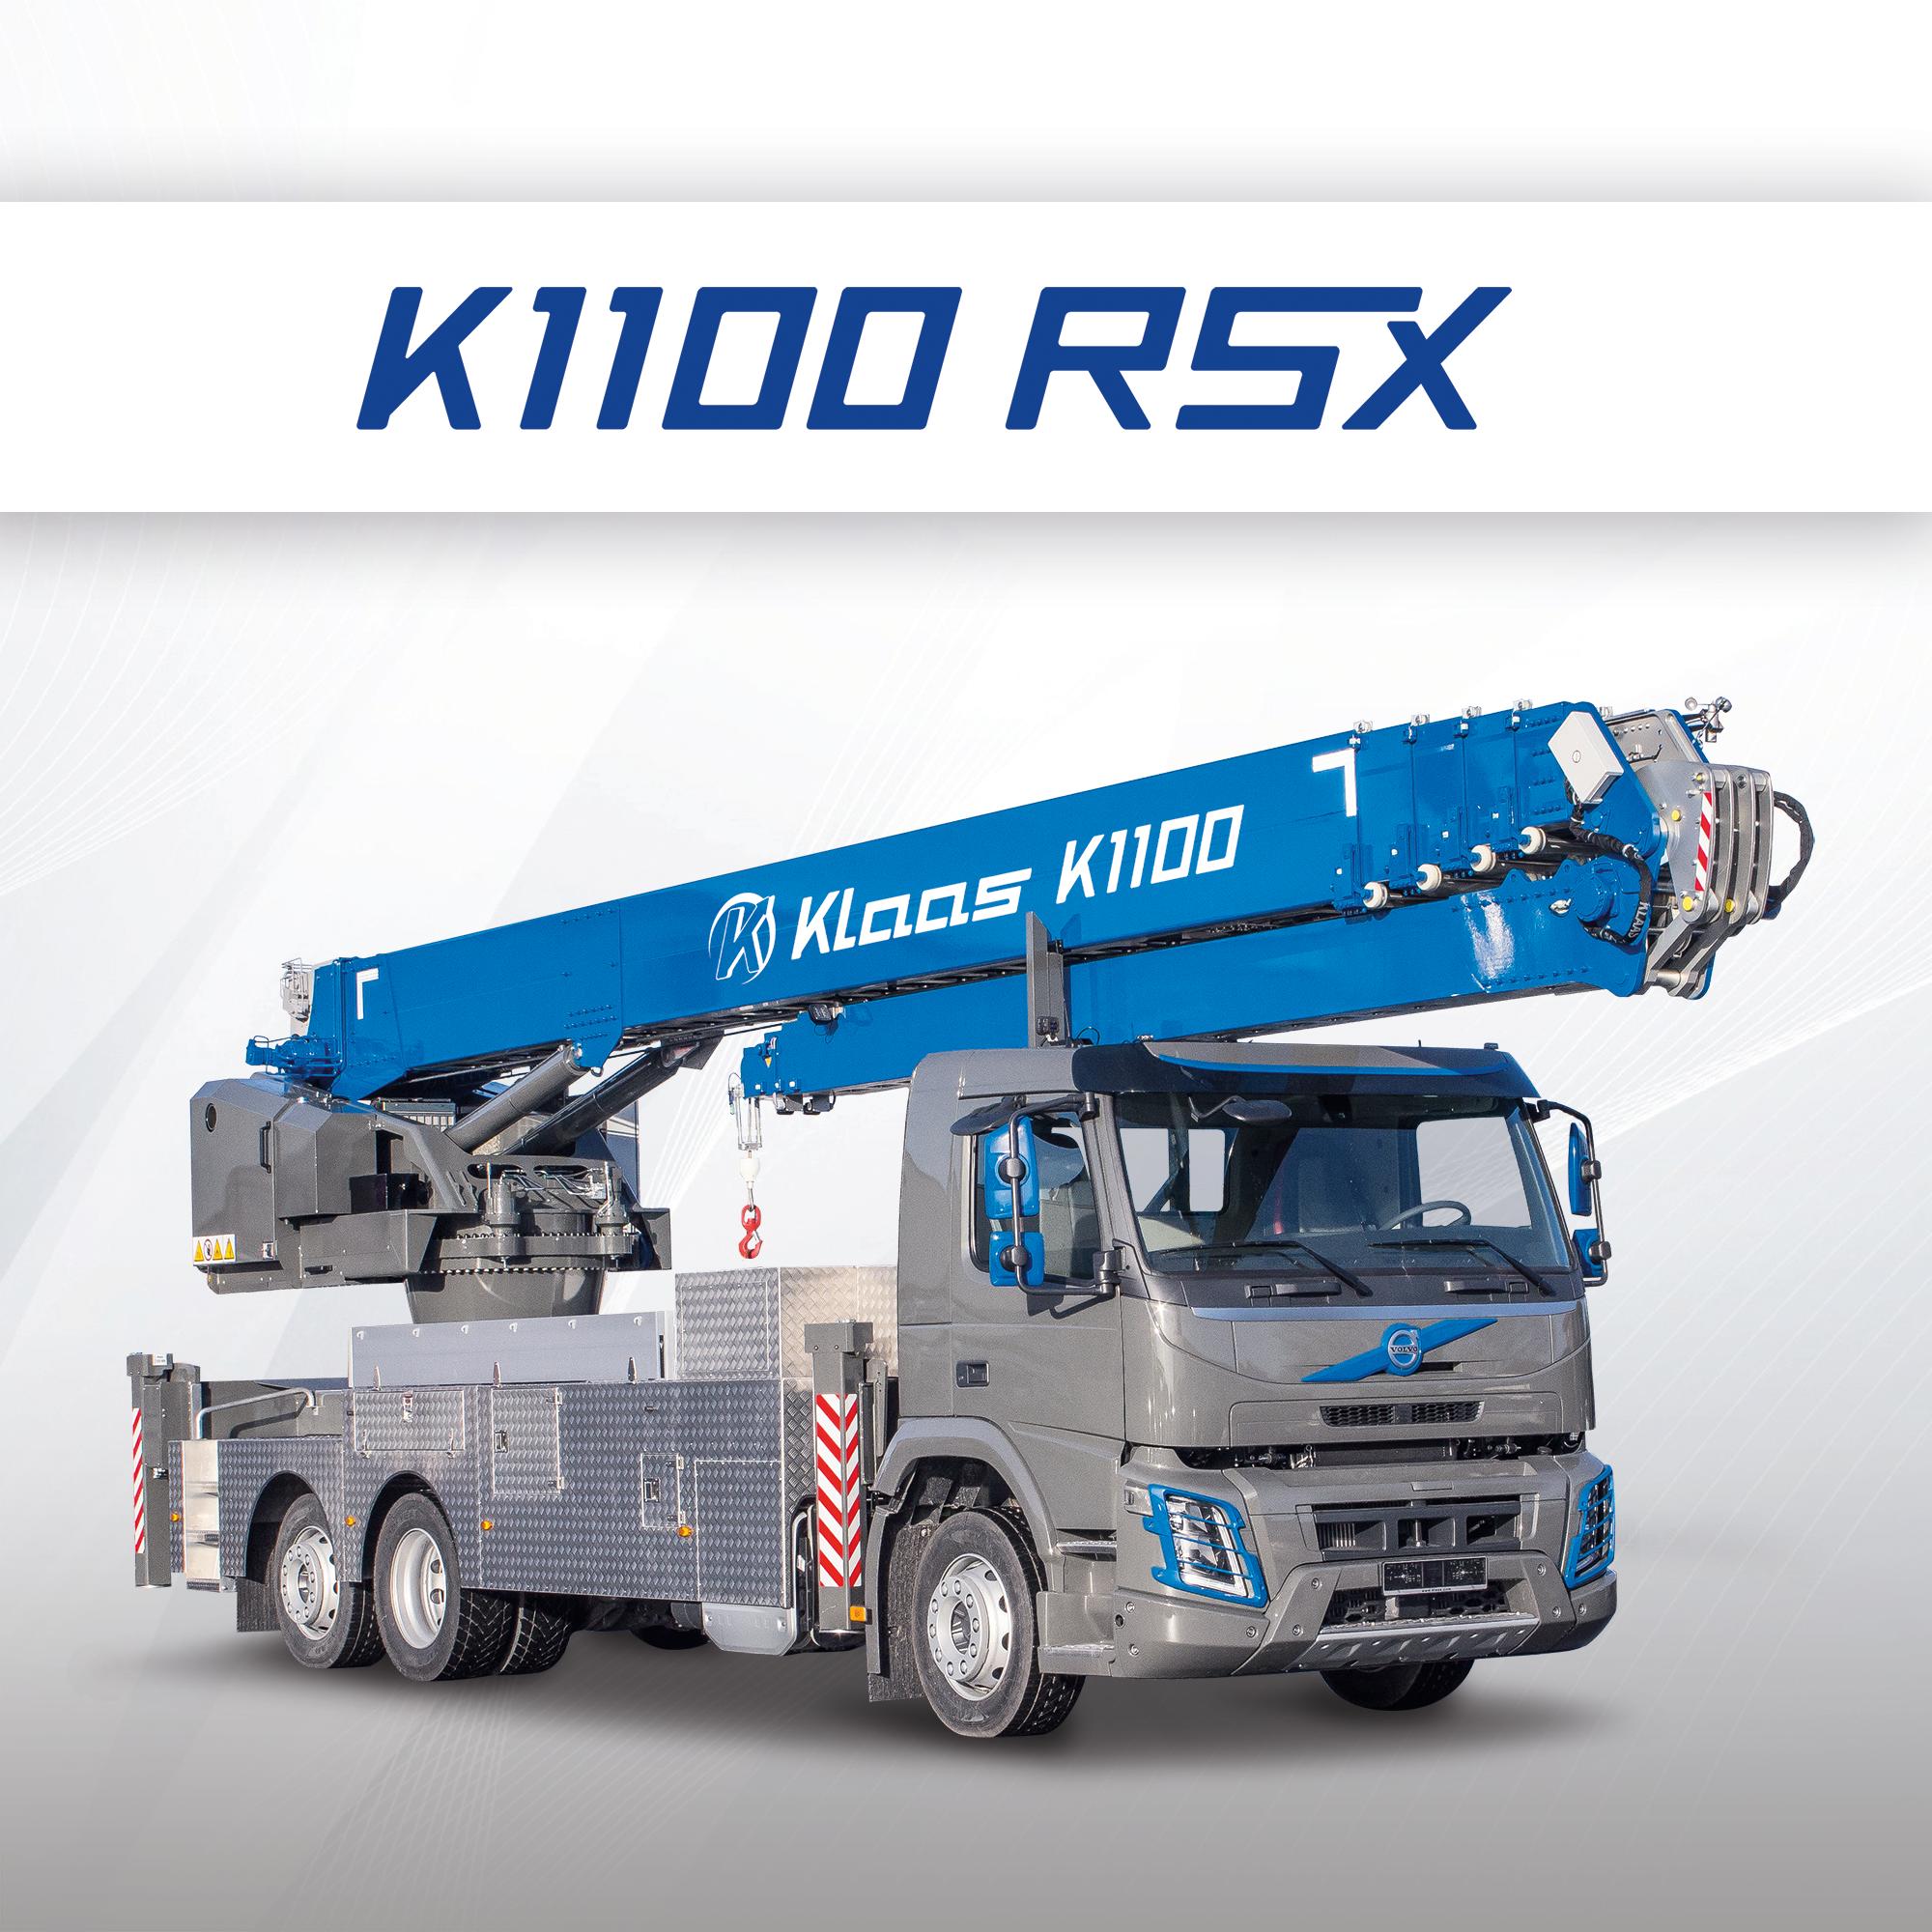 Klaas K1100 RSX